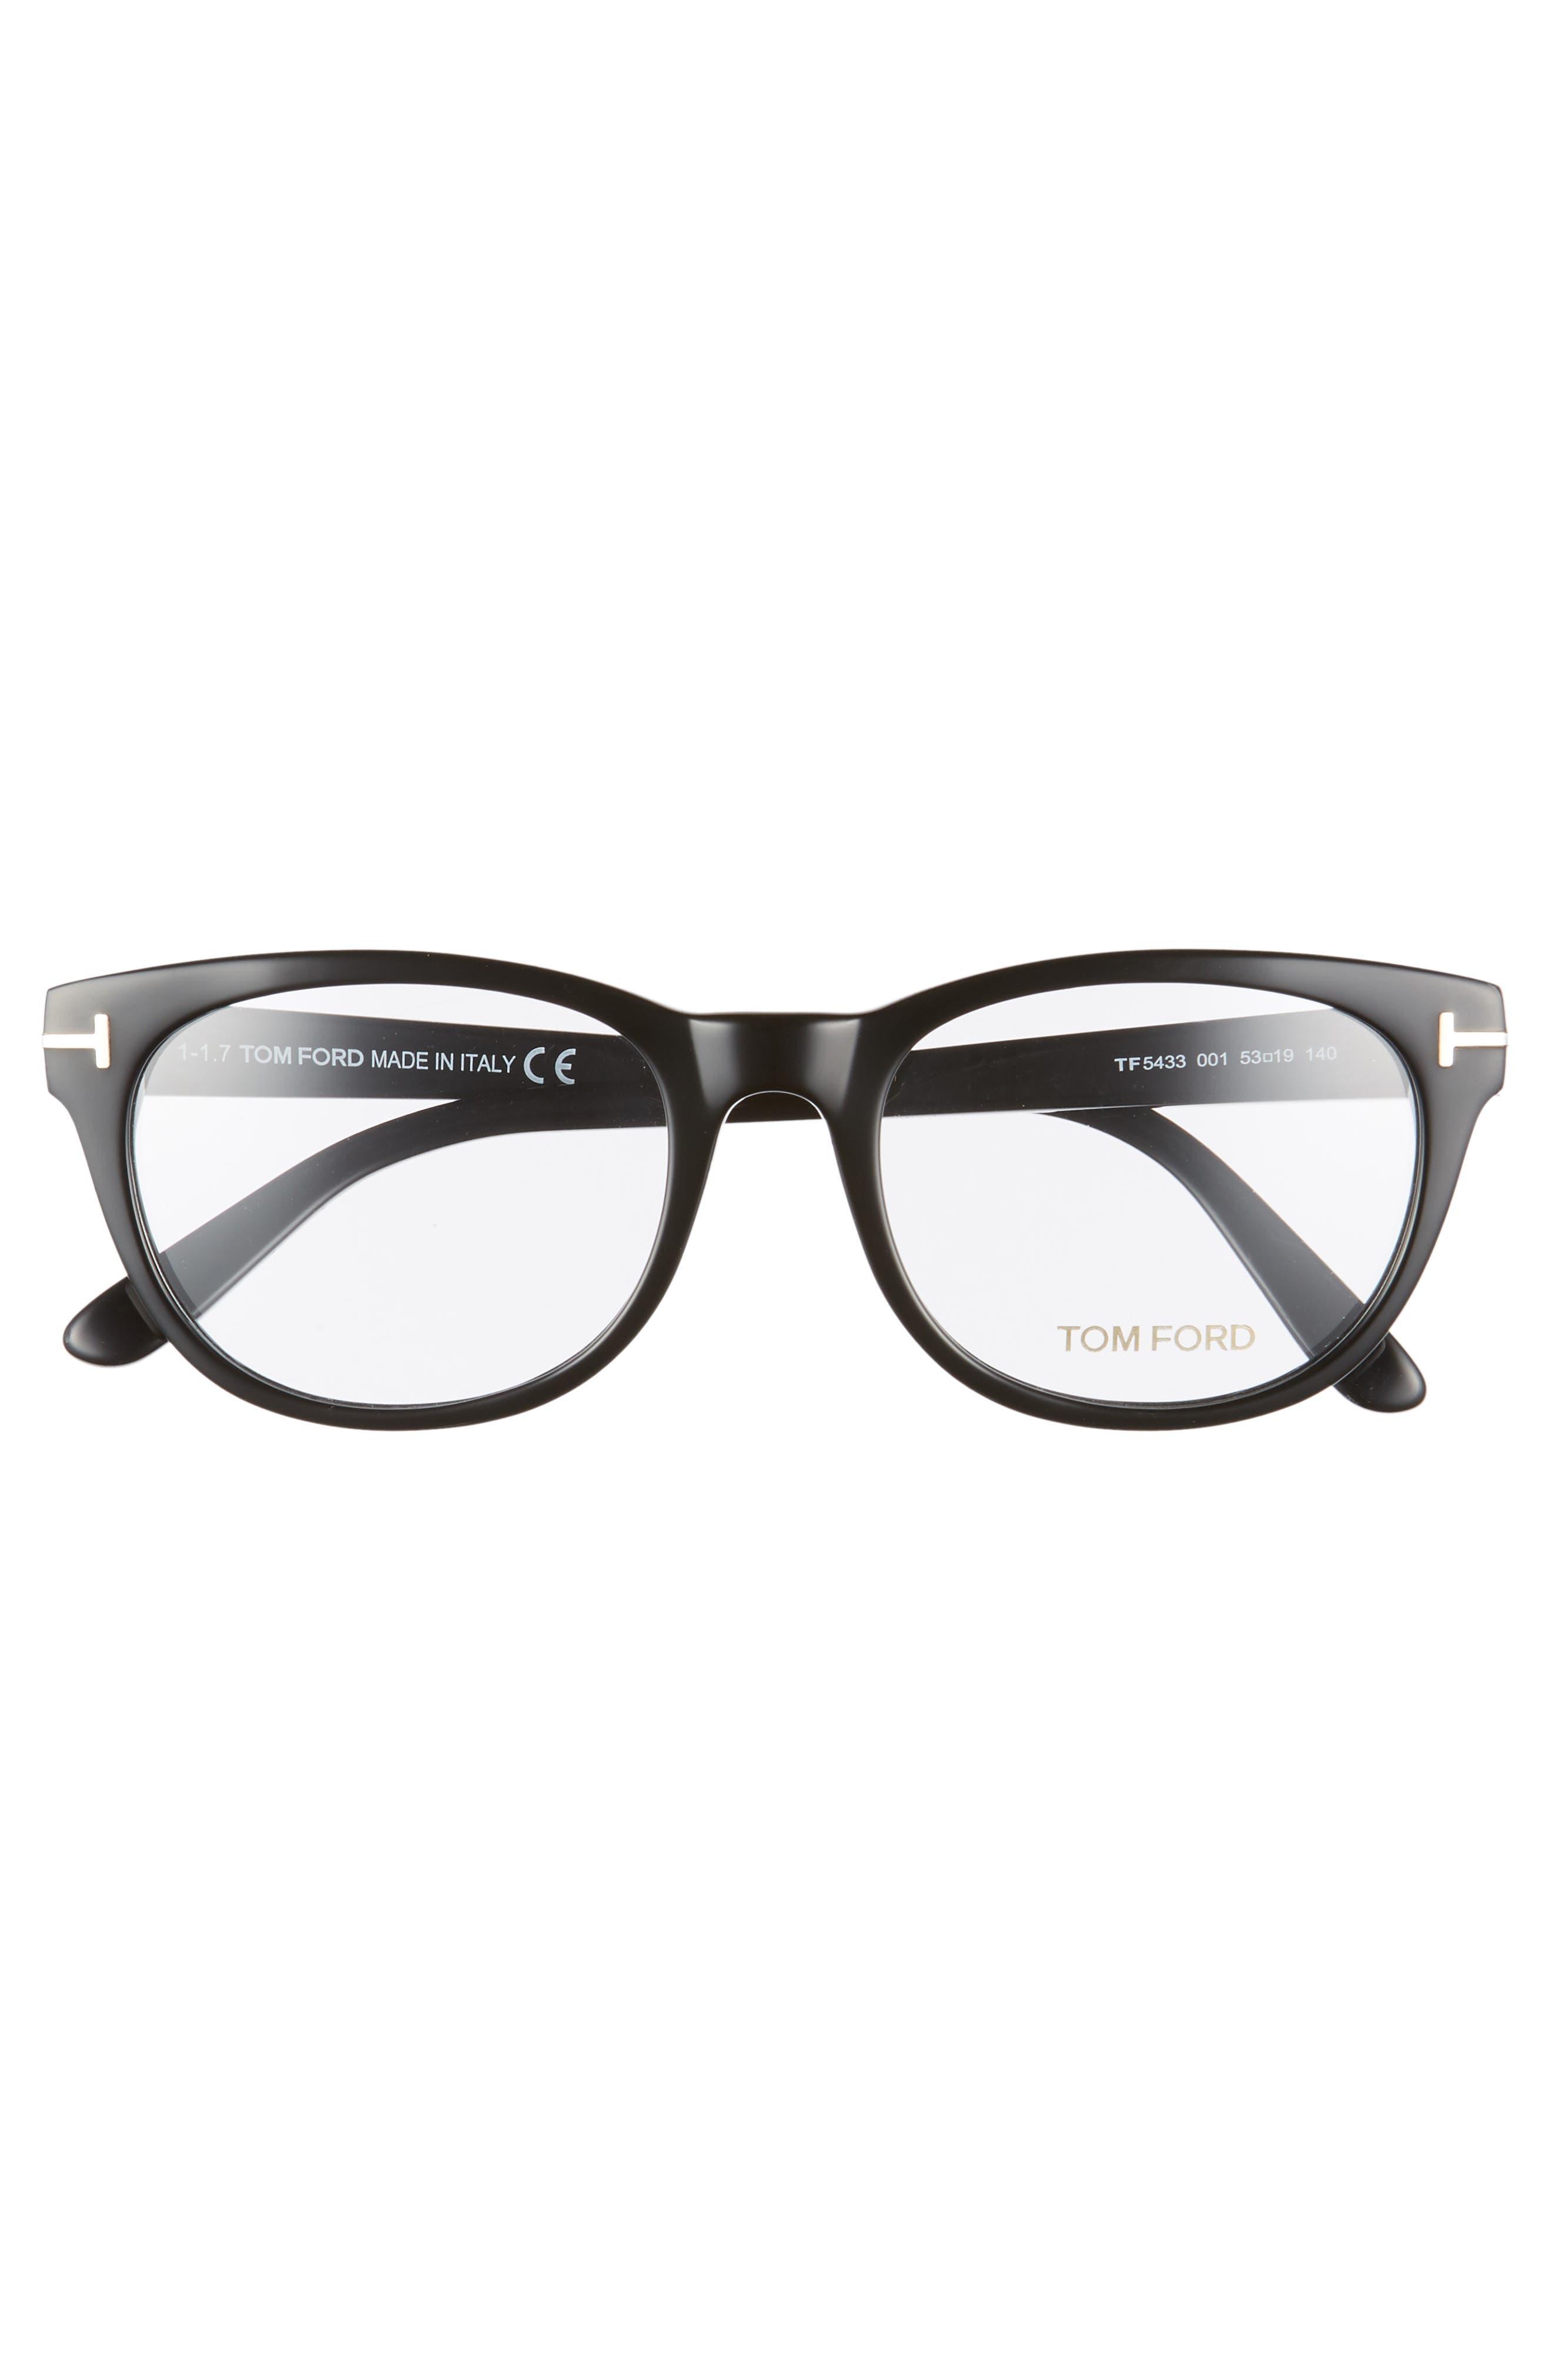 53mm Optical Glasses,                             Alternate thumbnail 3, color,                             SHINY BLACK